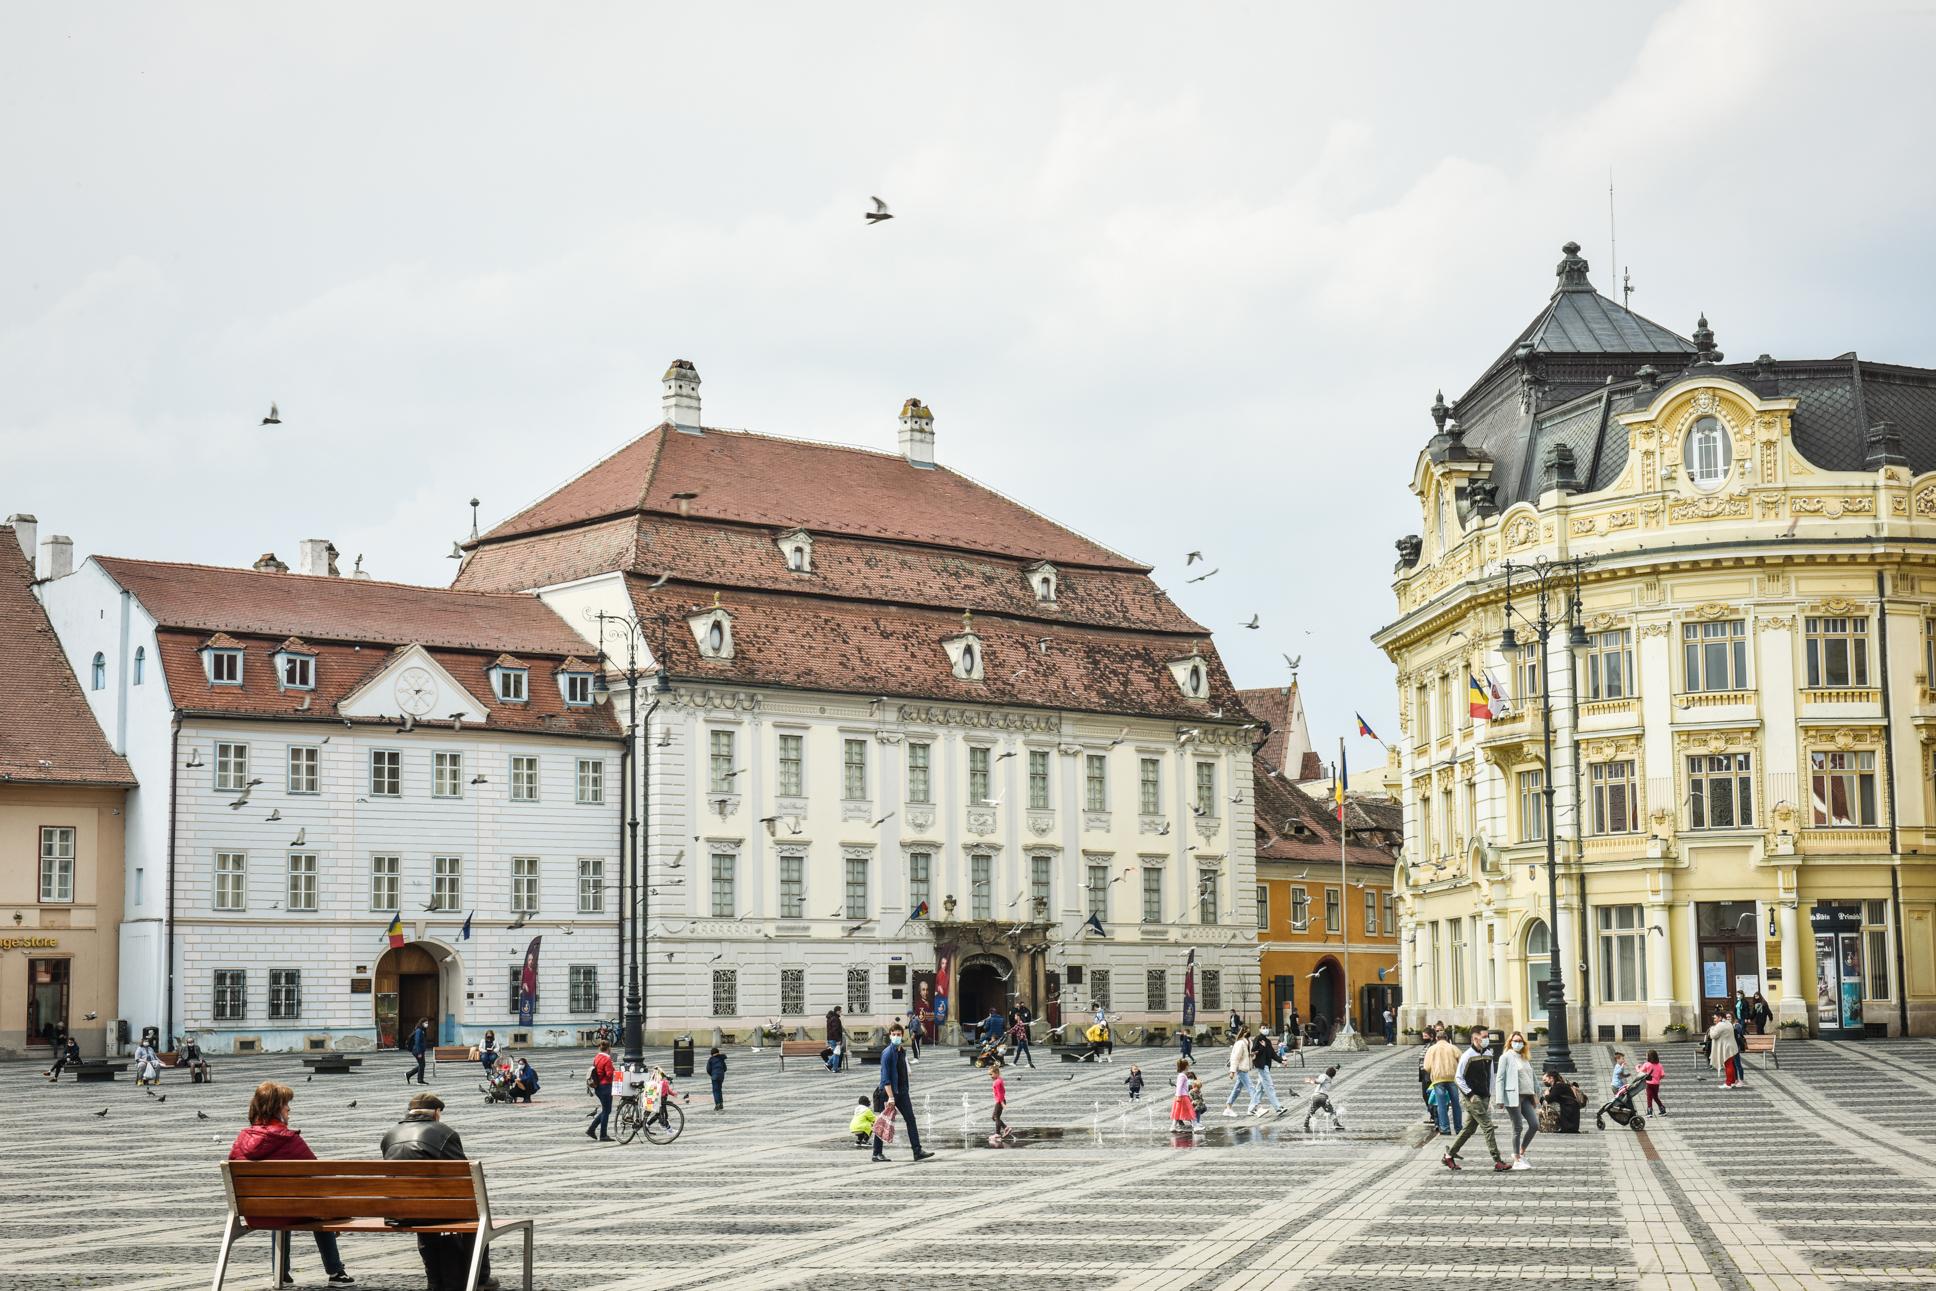 Incidența: Sibiul scade la 3.87, iar Șelimbărul crește la 3.63. Cisnădia iese din carantină, cu o rată de infectare de 4.21